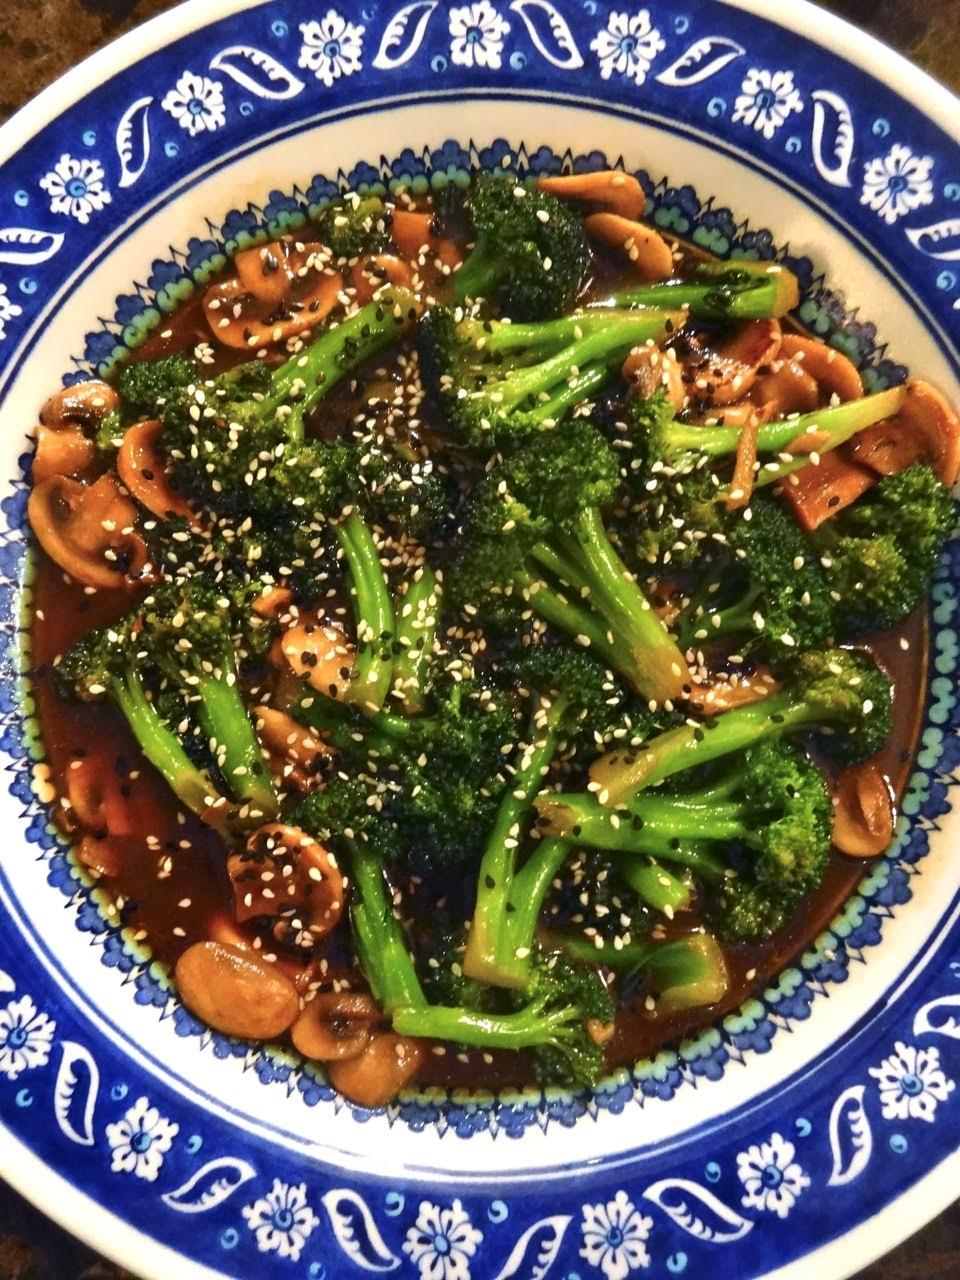 Scrumpdillyicious: Stir-Fried Broccoli & Mushrooms